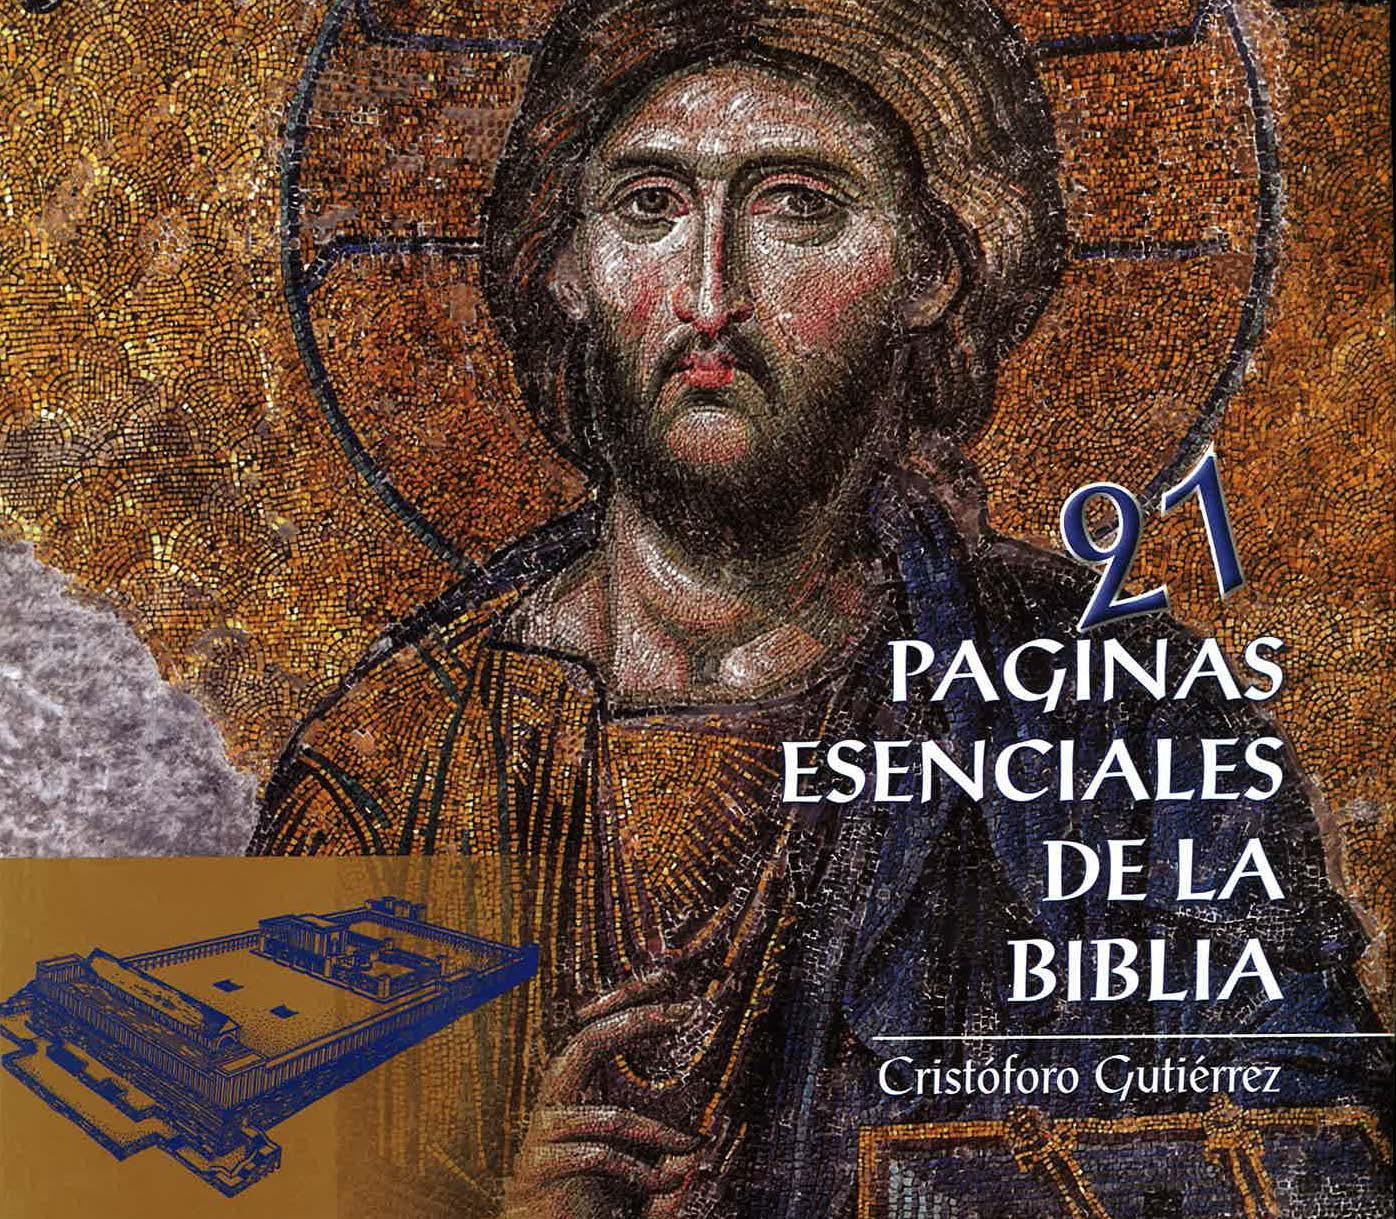 21 páginas esenciales de la Biblia